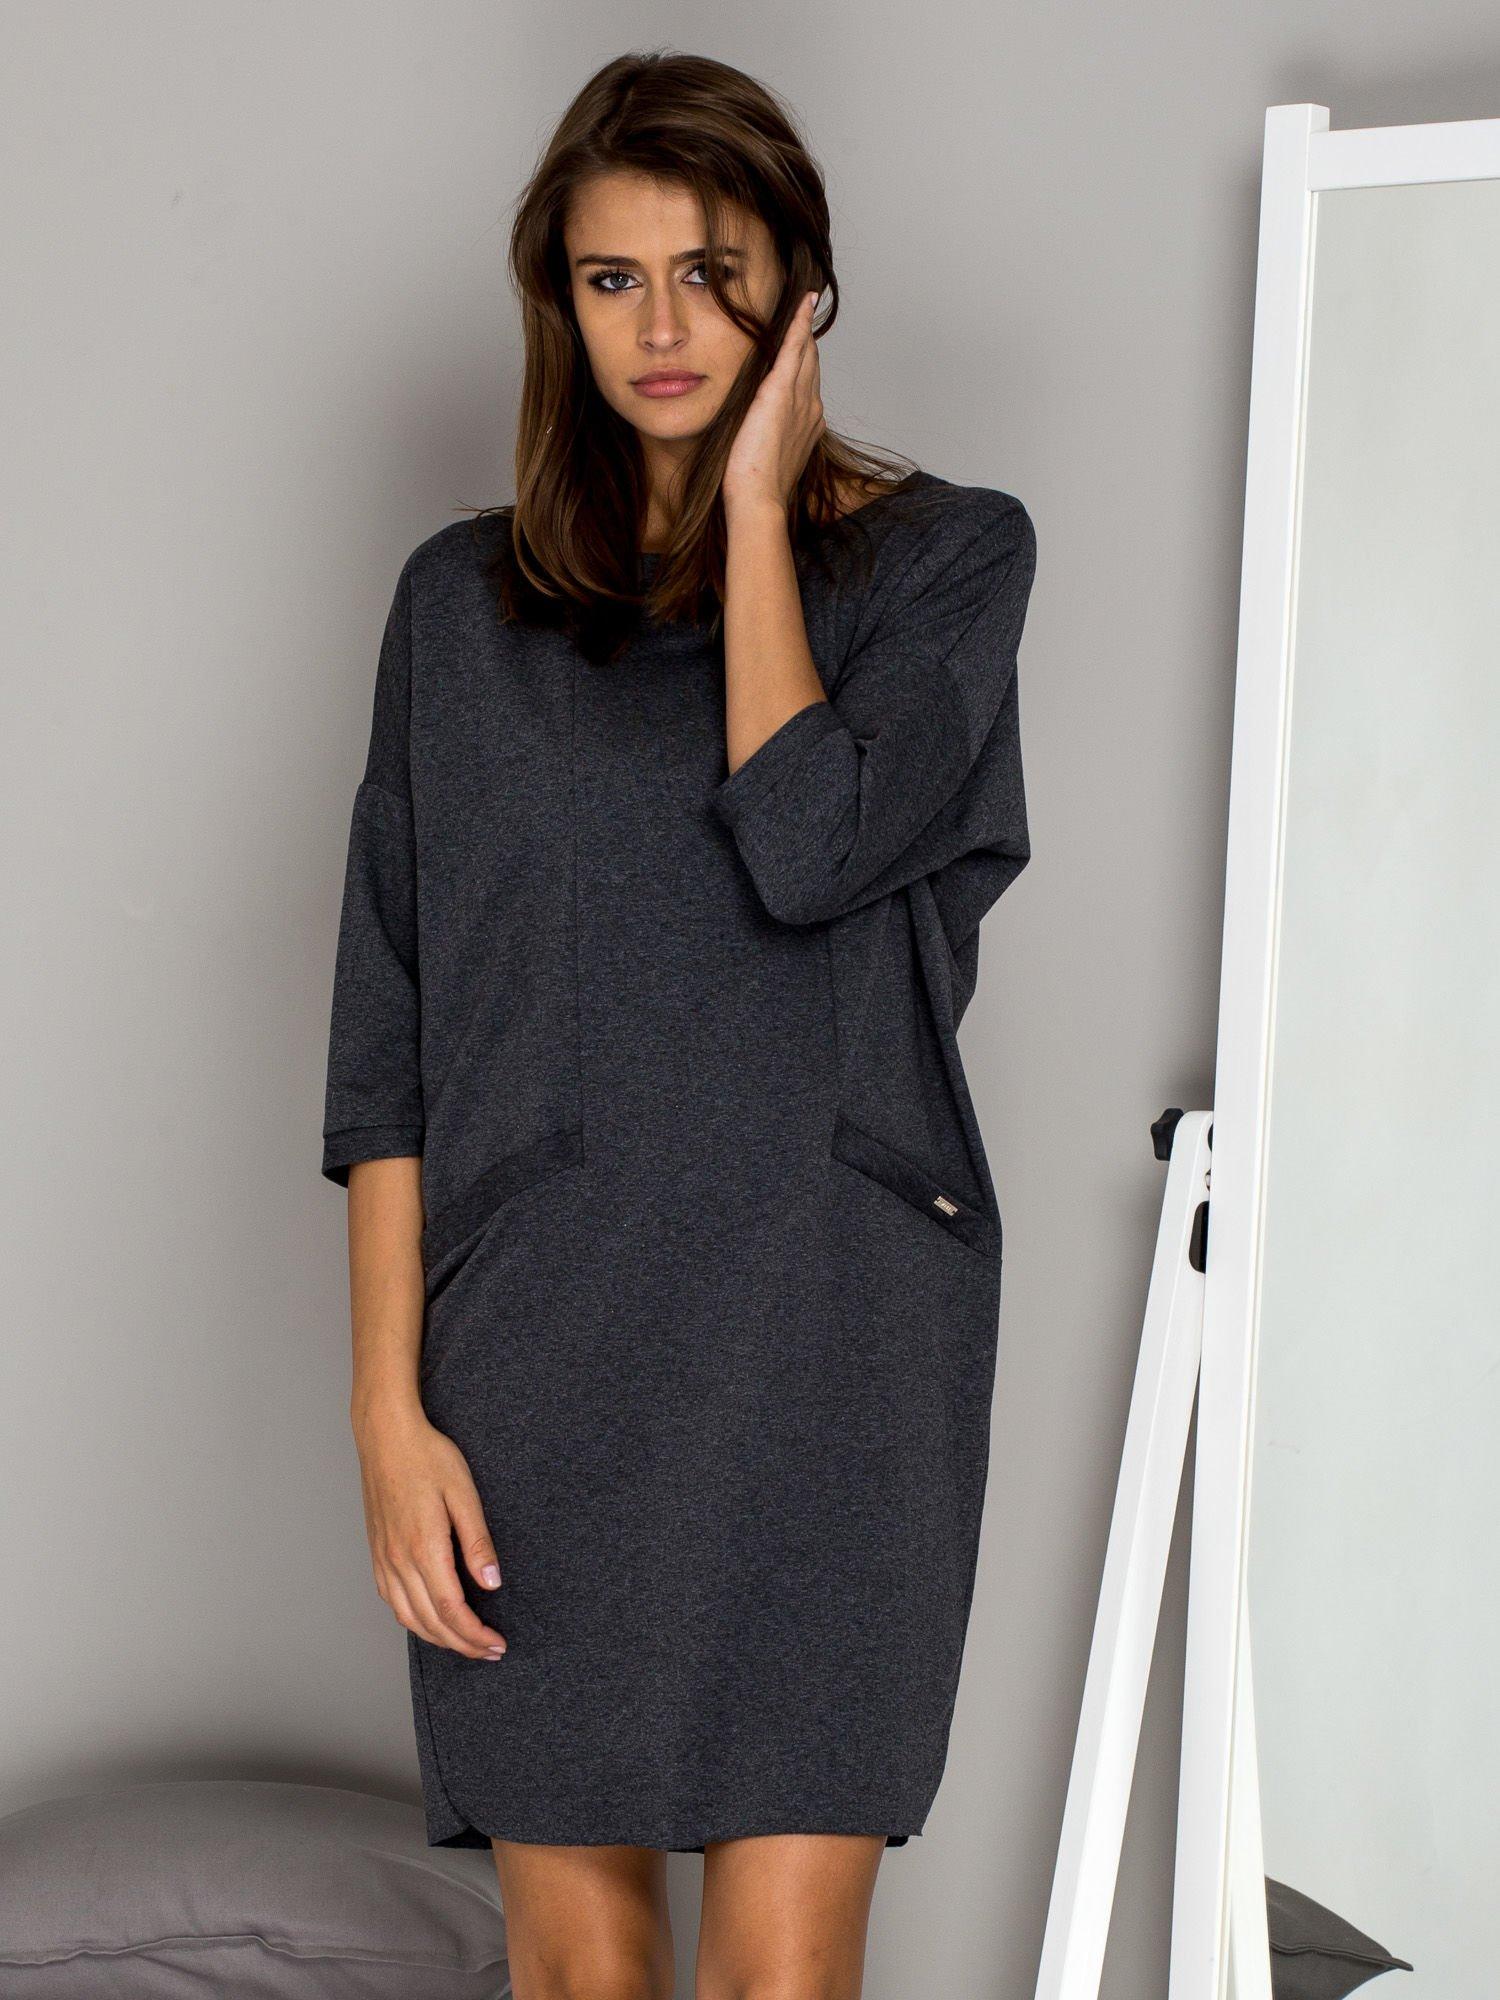 8234a2caf7 Ciemnoszara sukienka oversize - Sukienka dzianinowa - sklep eButik.pl